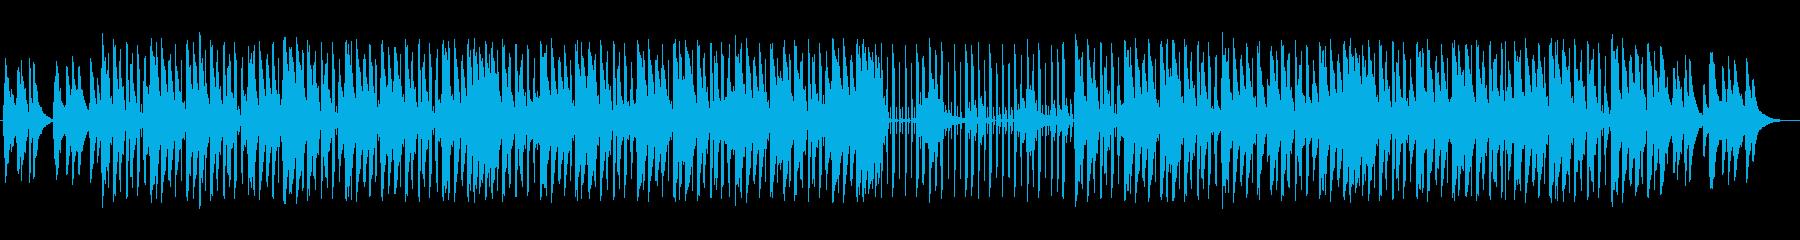 切ないピアノが印象的なヒップホップの再生済みの波形